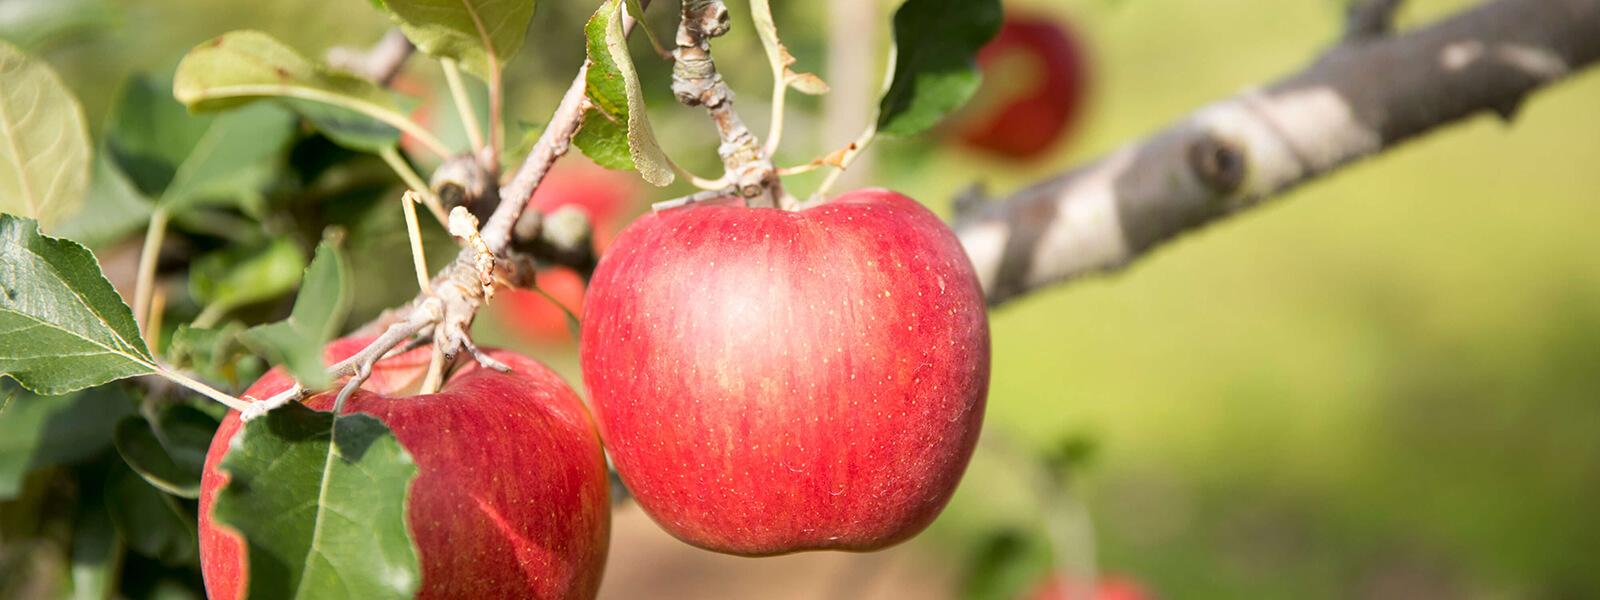 安曇野のりんごやさん 東印平林農園